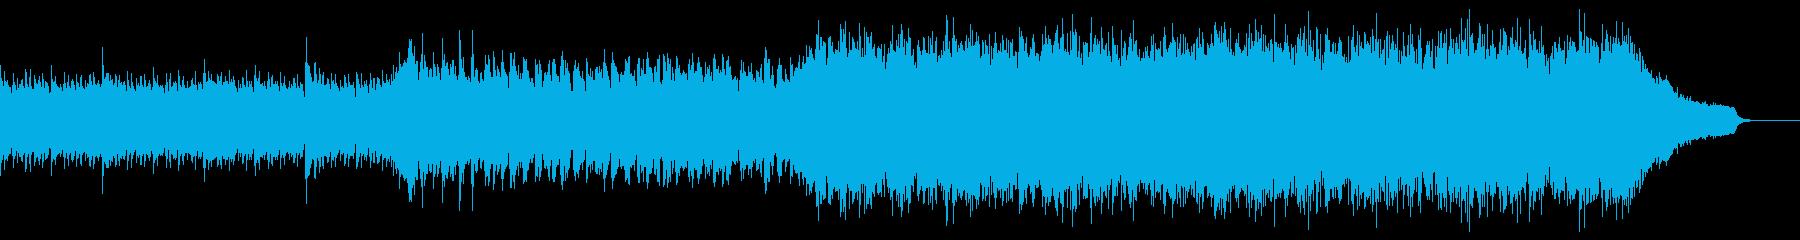 企業VP映像、106オーケストラ、爽快bの再生済みの波形